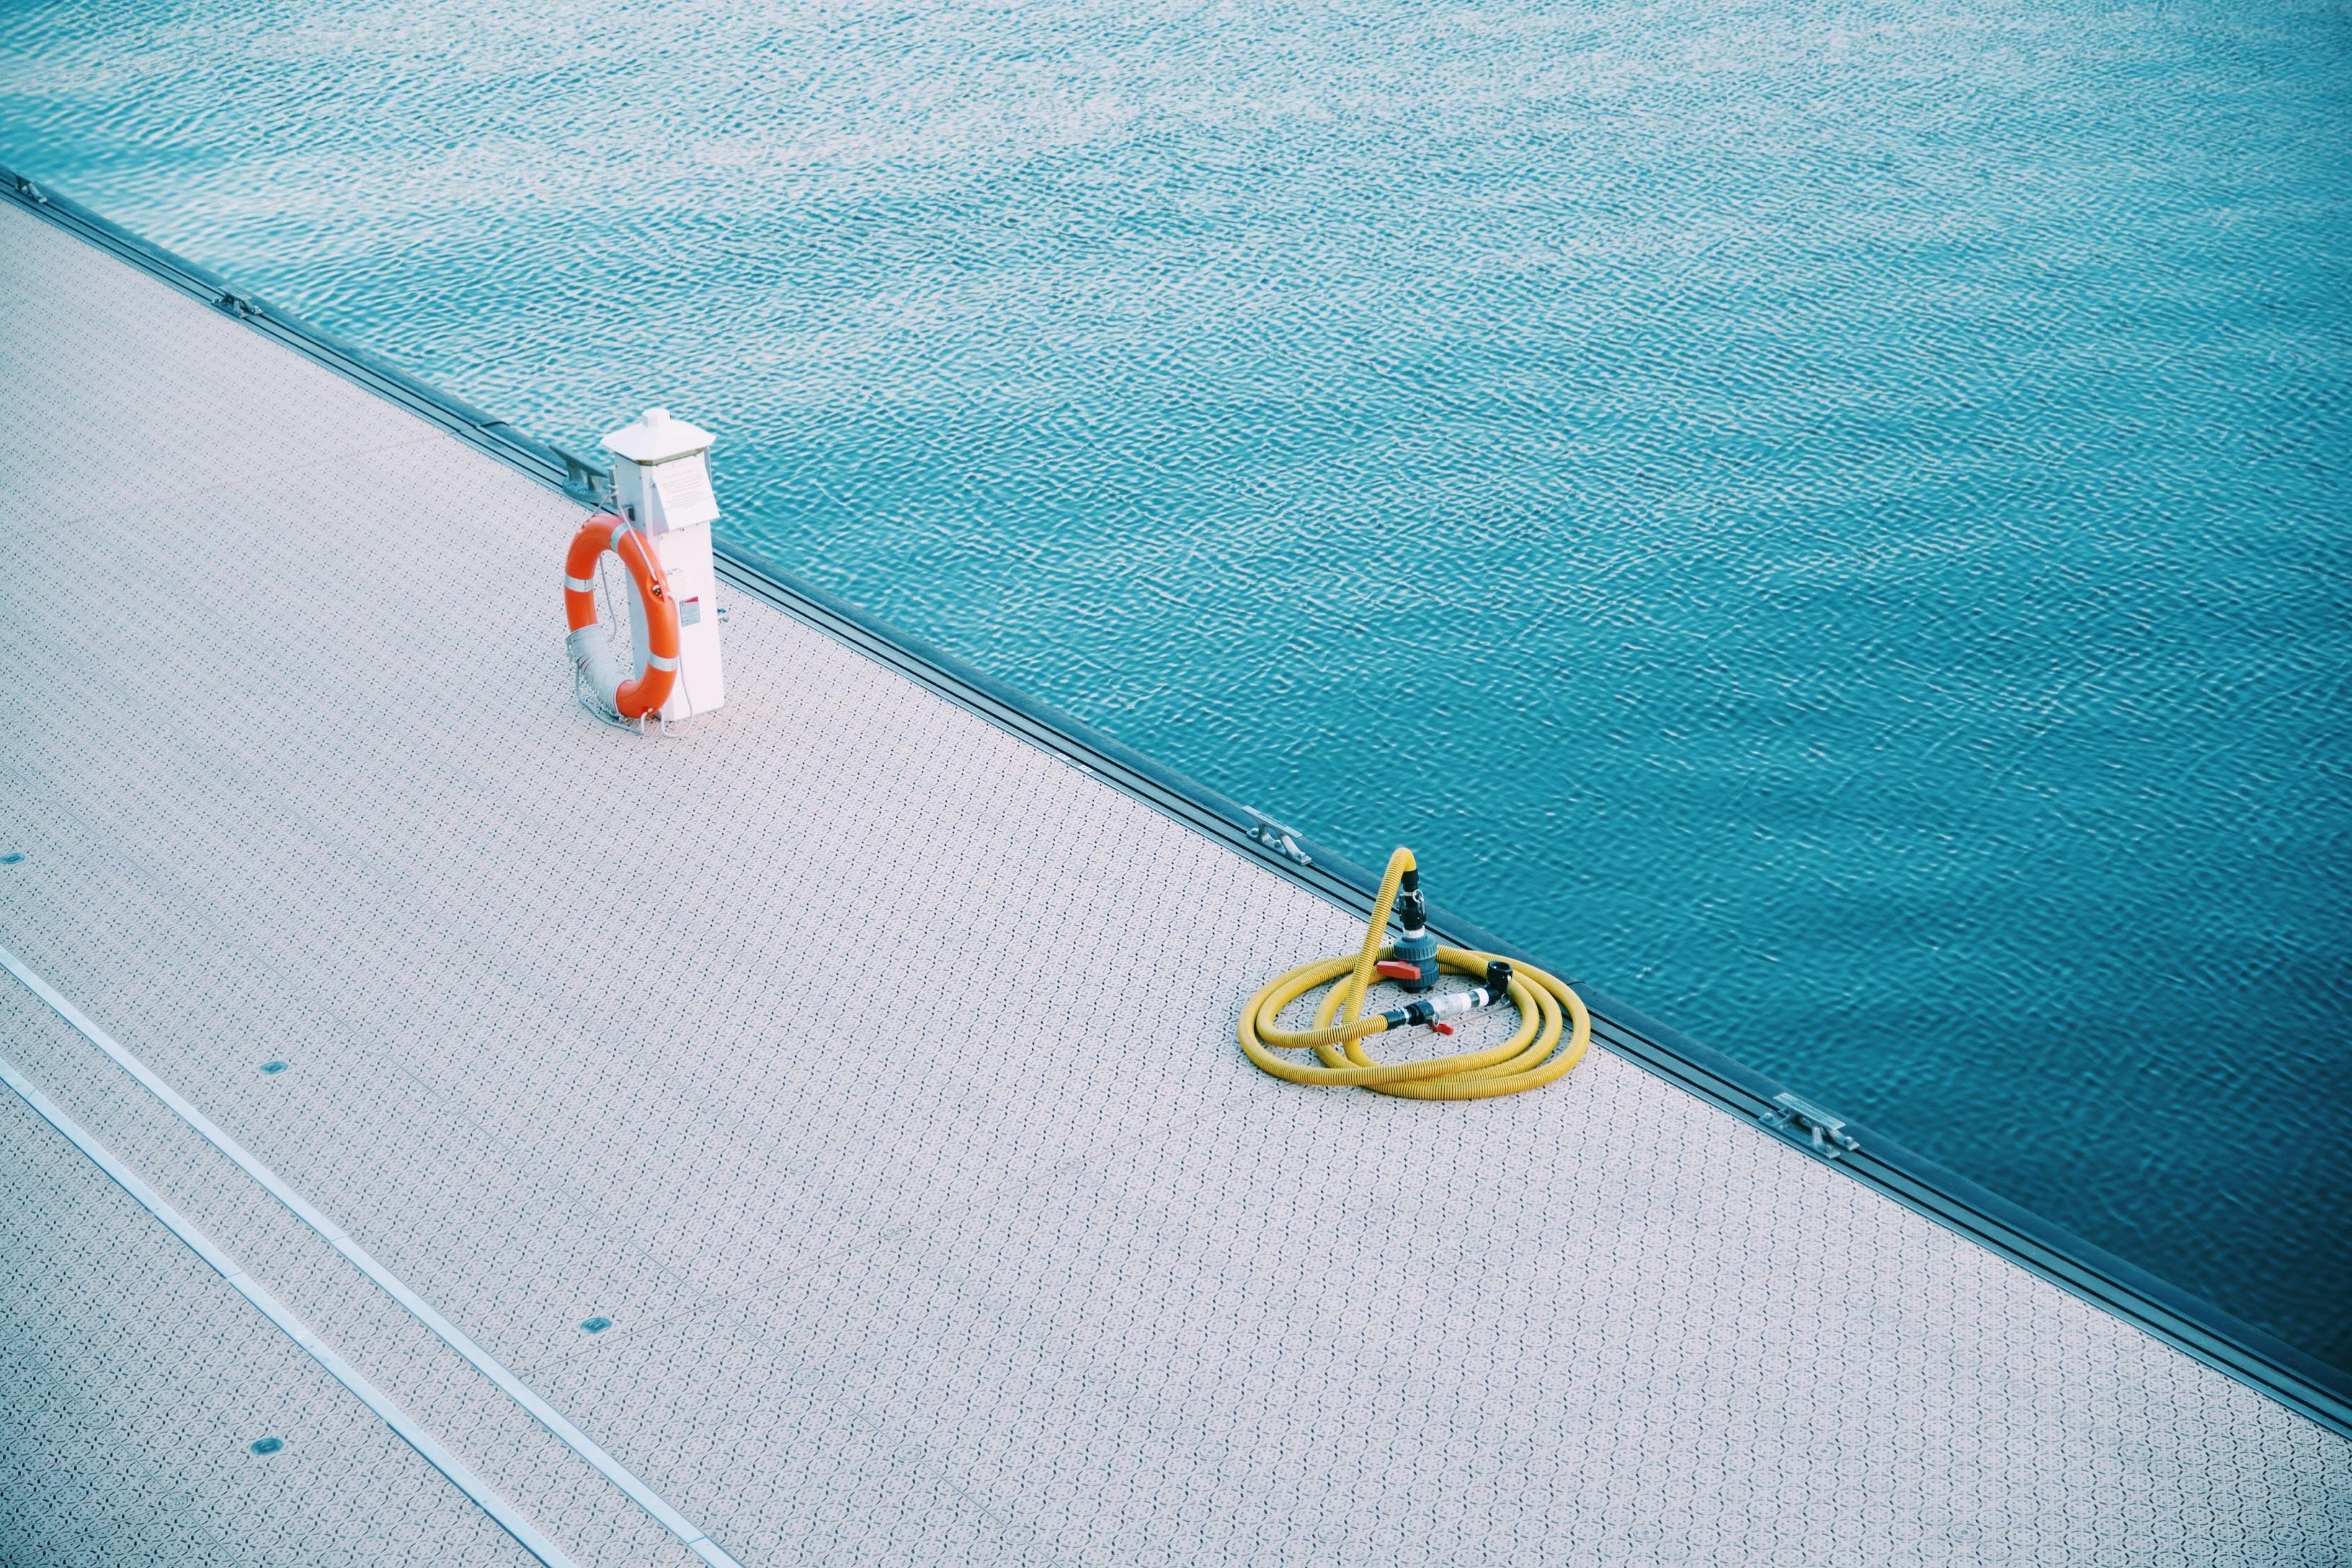 Kostenlose foto : Wasser, Ozean, Boot, Schiff, Transport, Linie ...